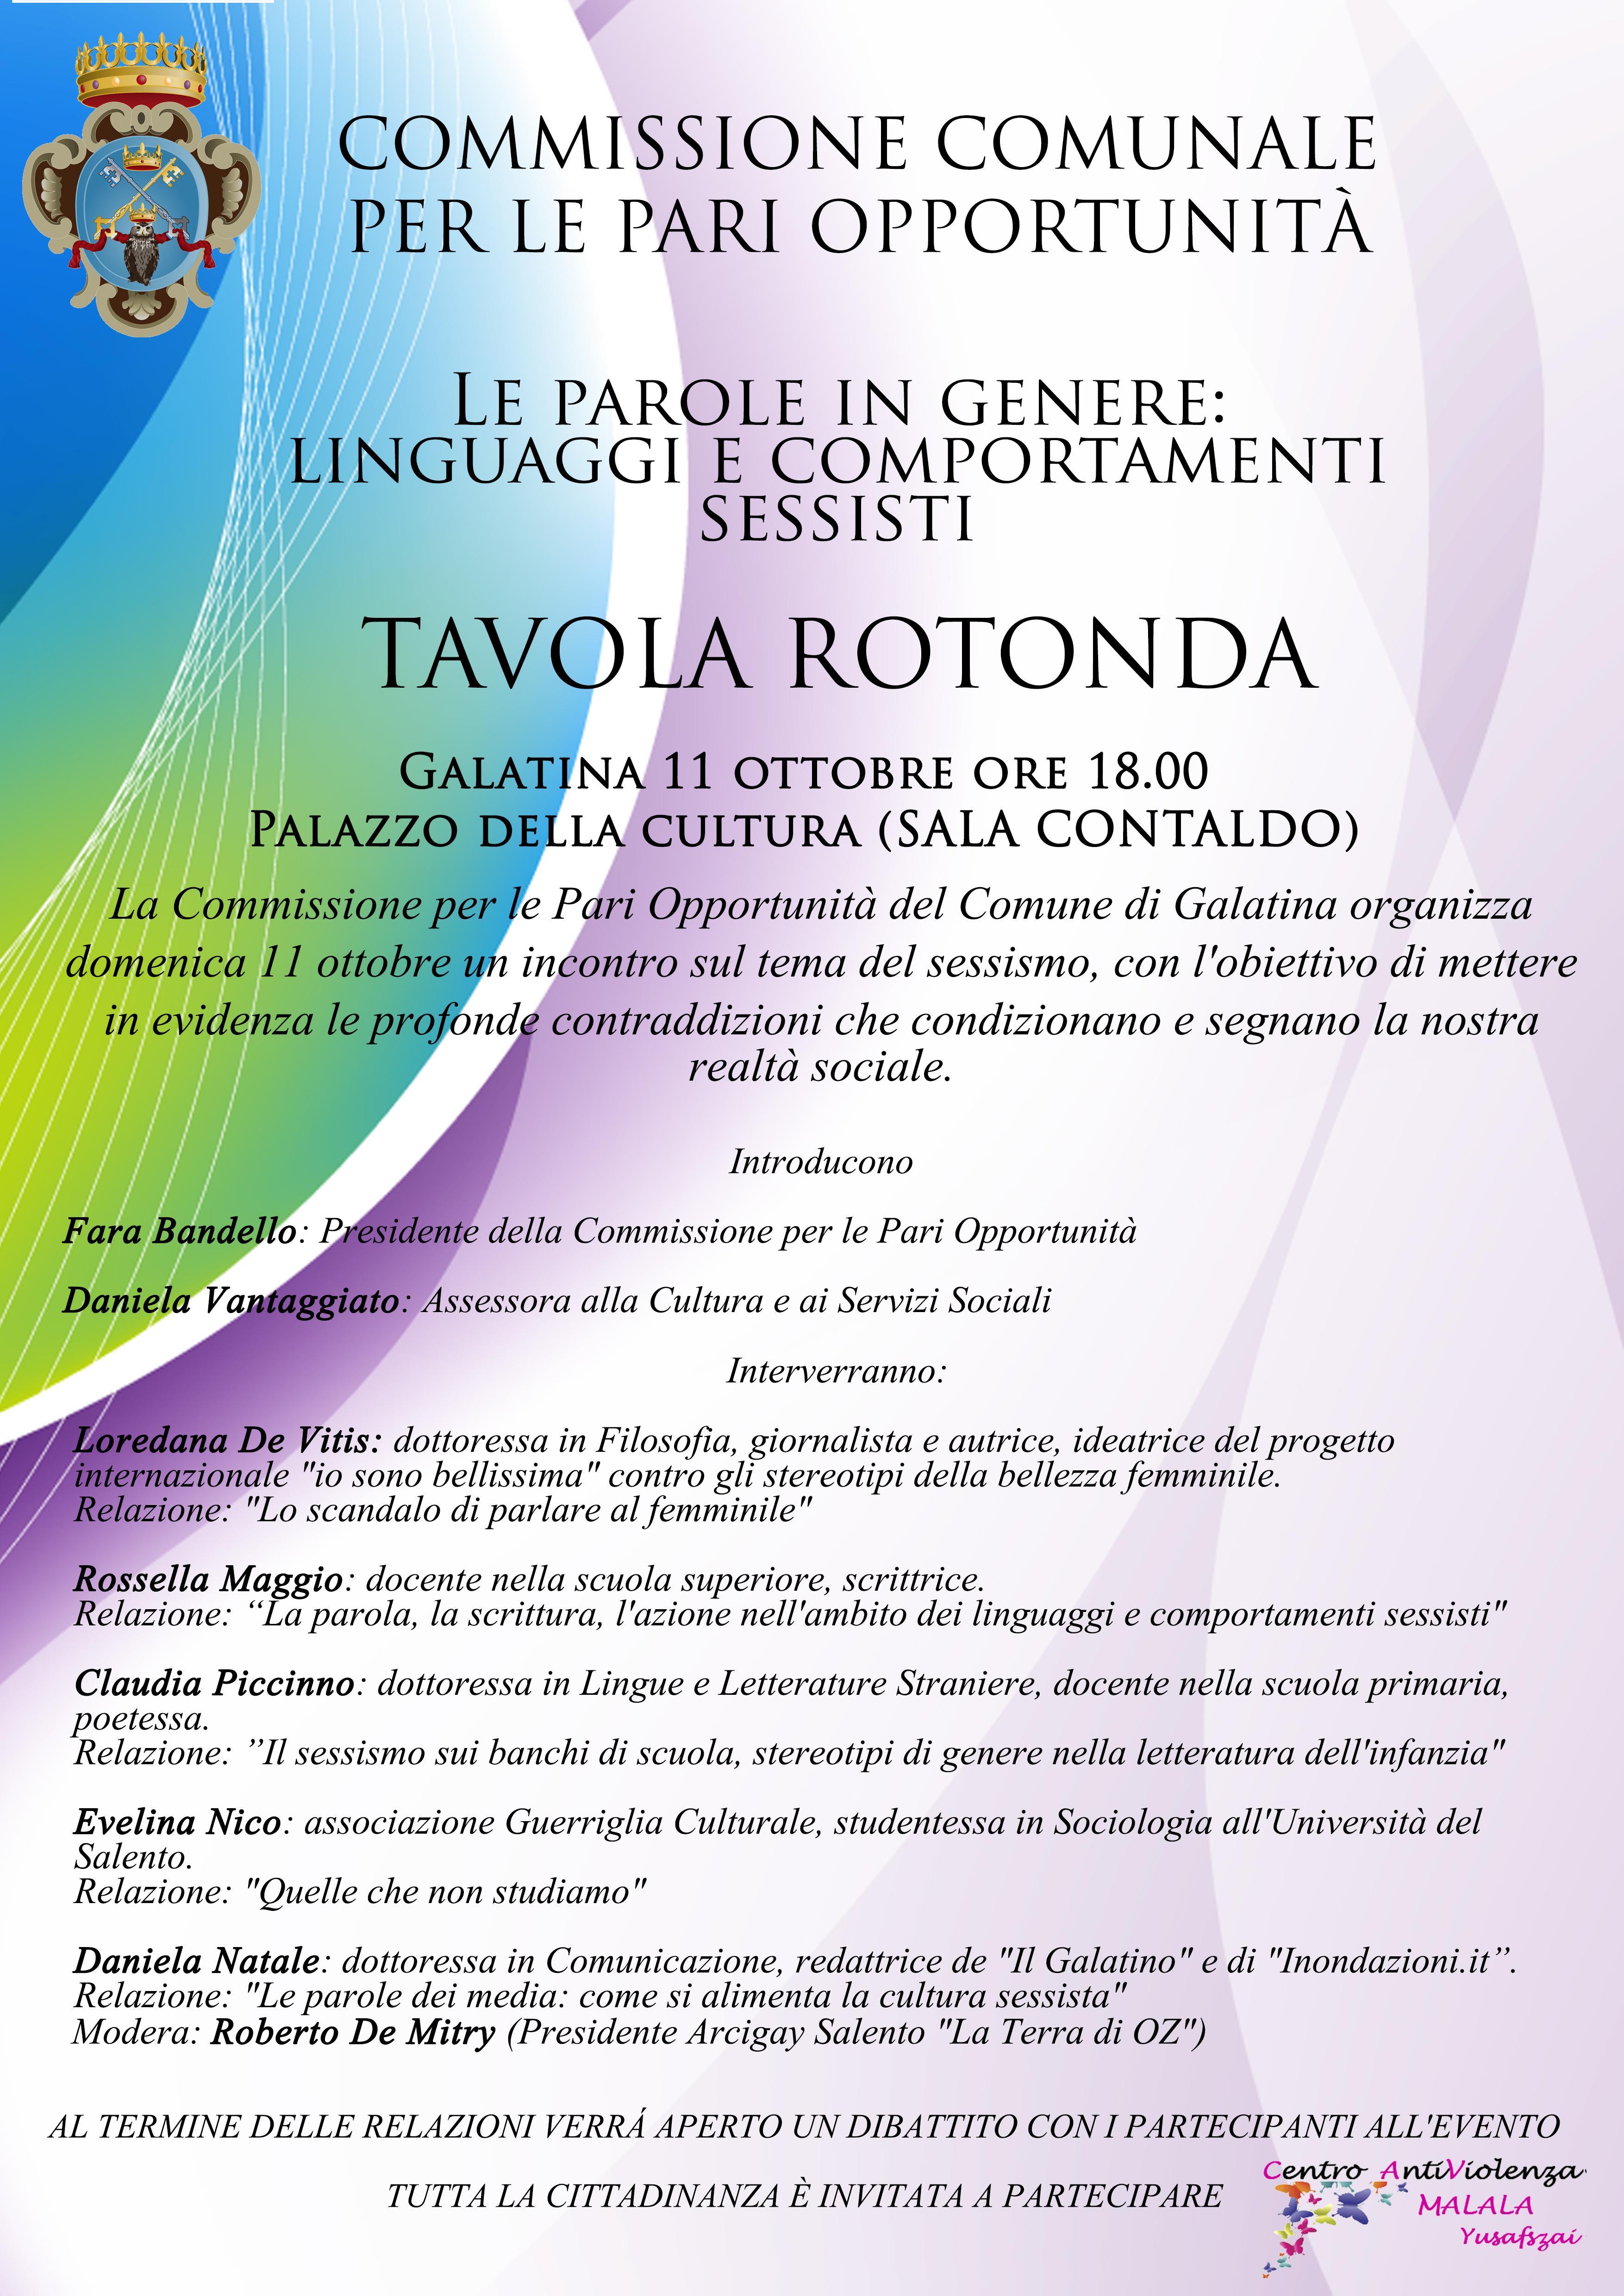 Domenica a Galatina per parlare di sessismo e parità di genere